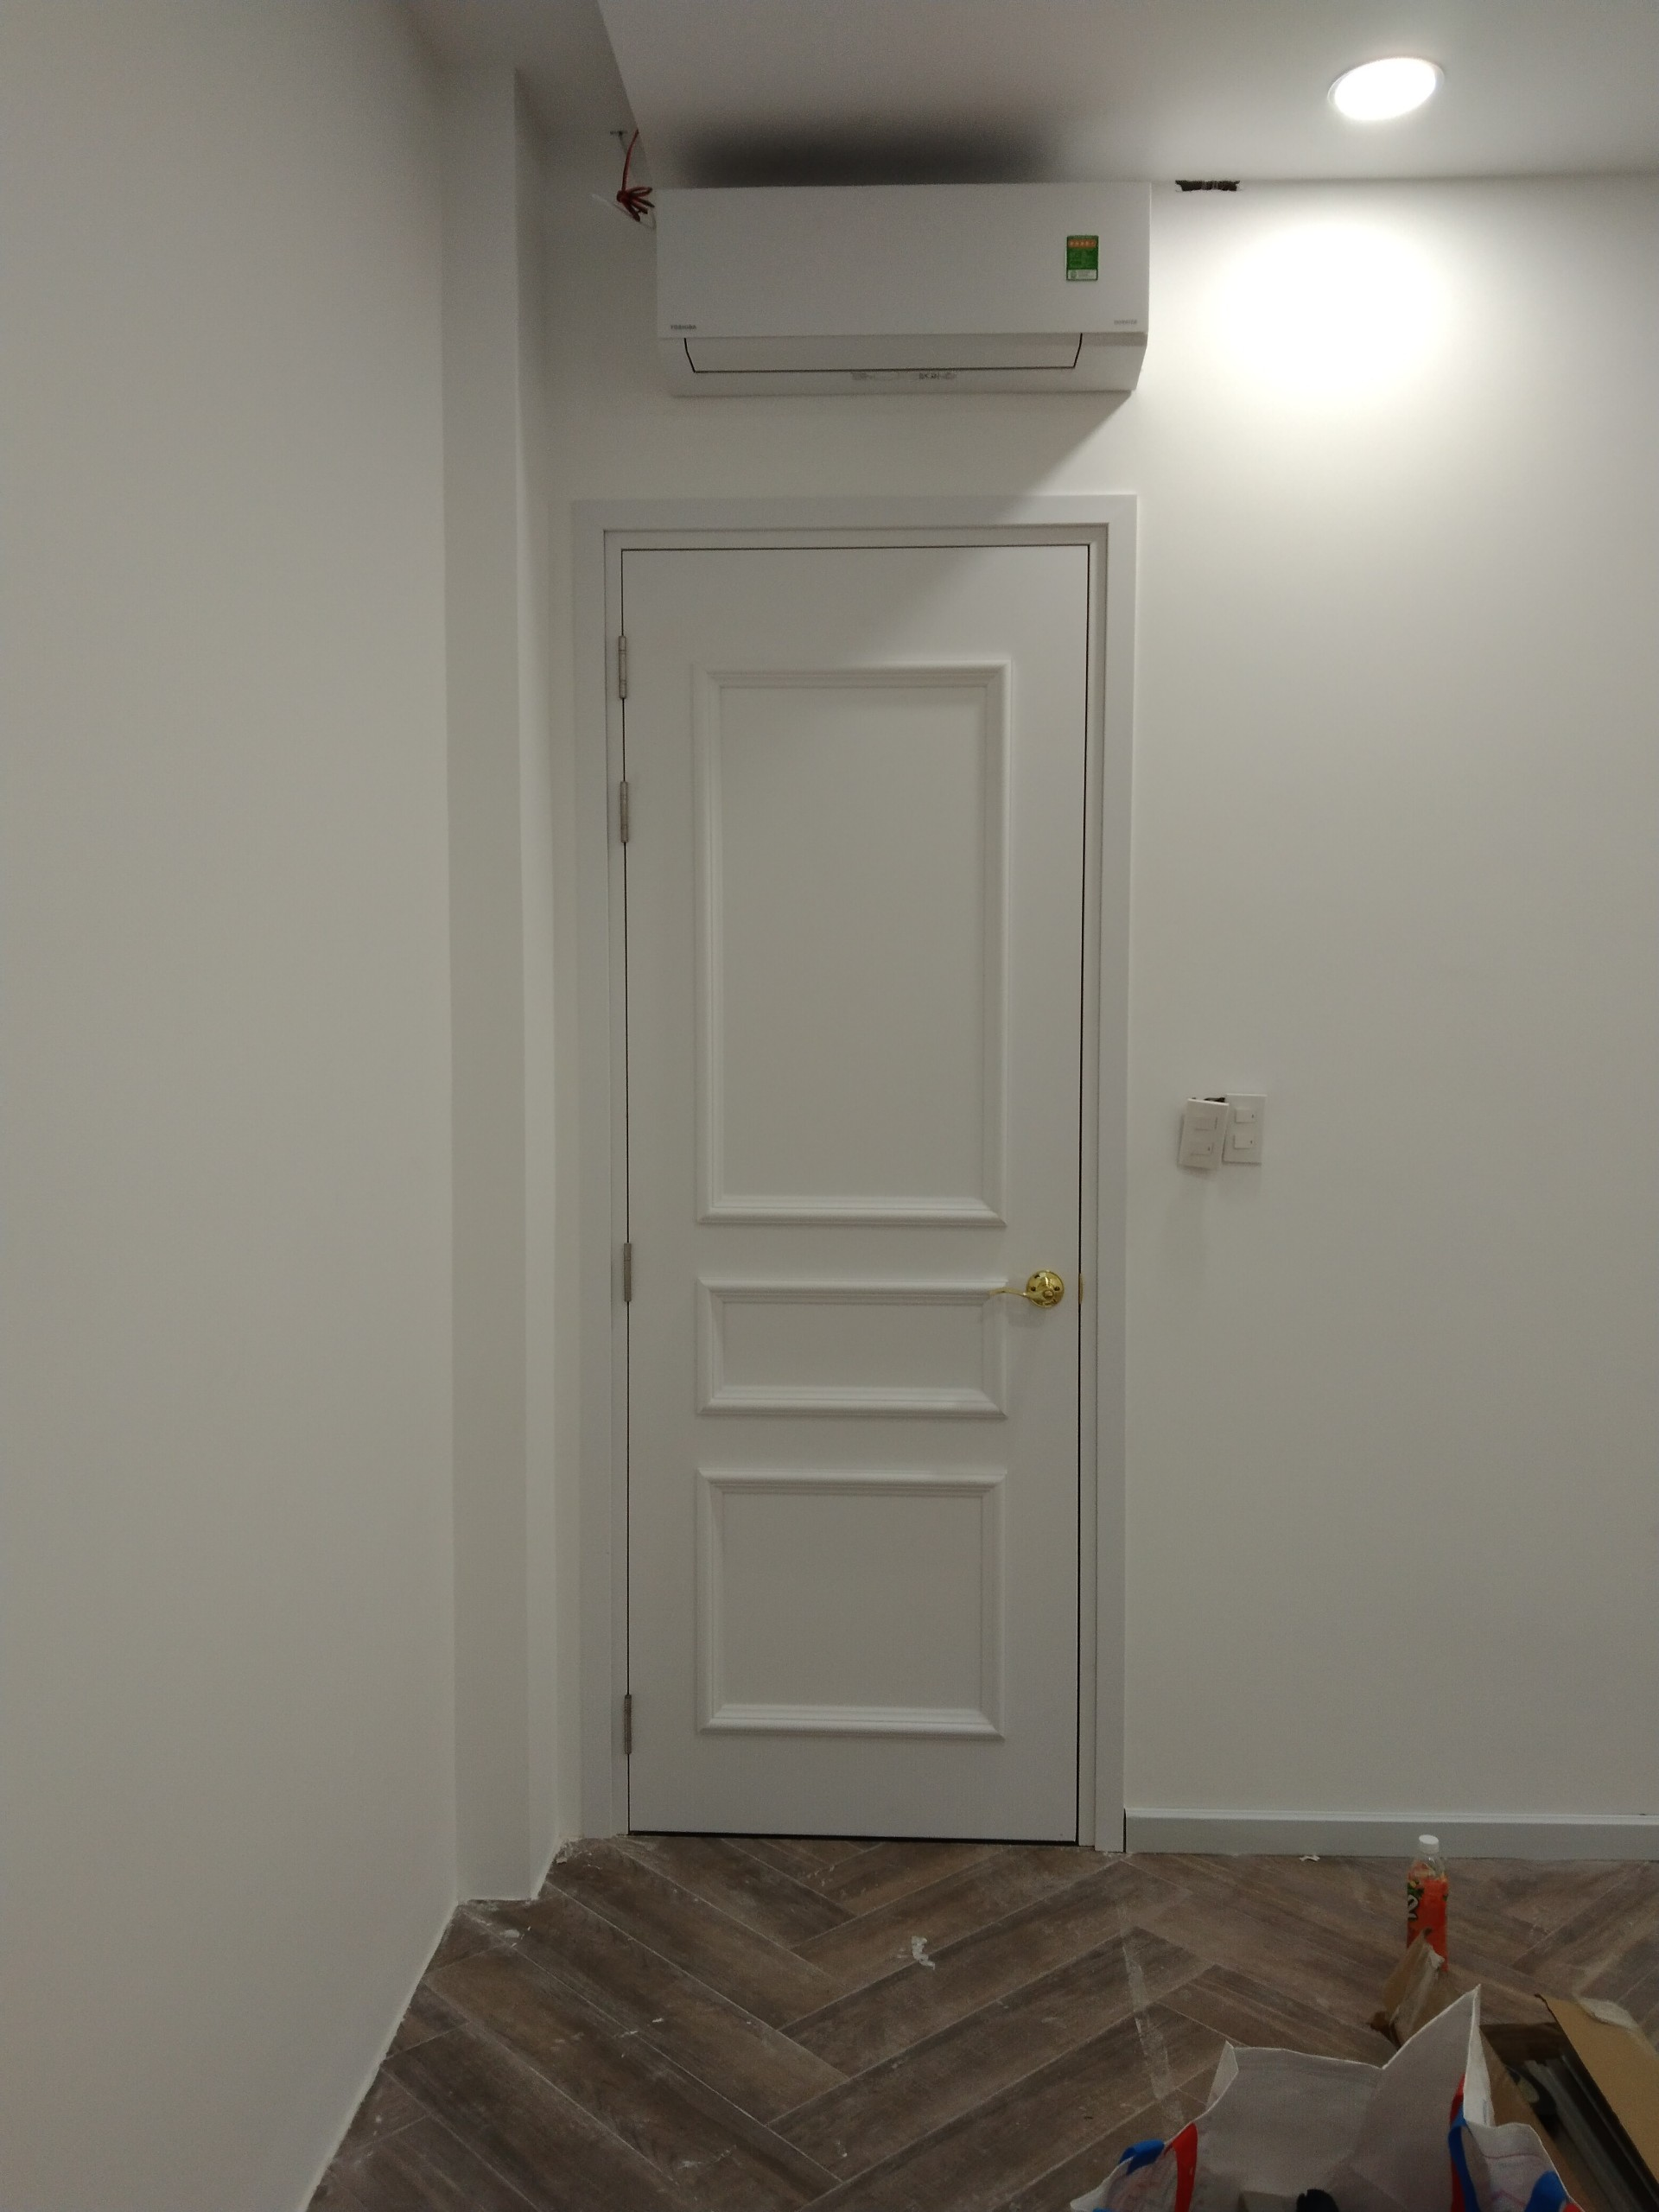 Giá Thi công cửa nhựa composite tại ĐC: 140 đường C, phường Bình Đường, Dĩ An, Bình Dương.